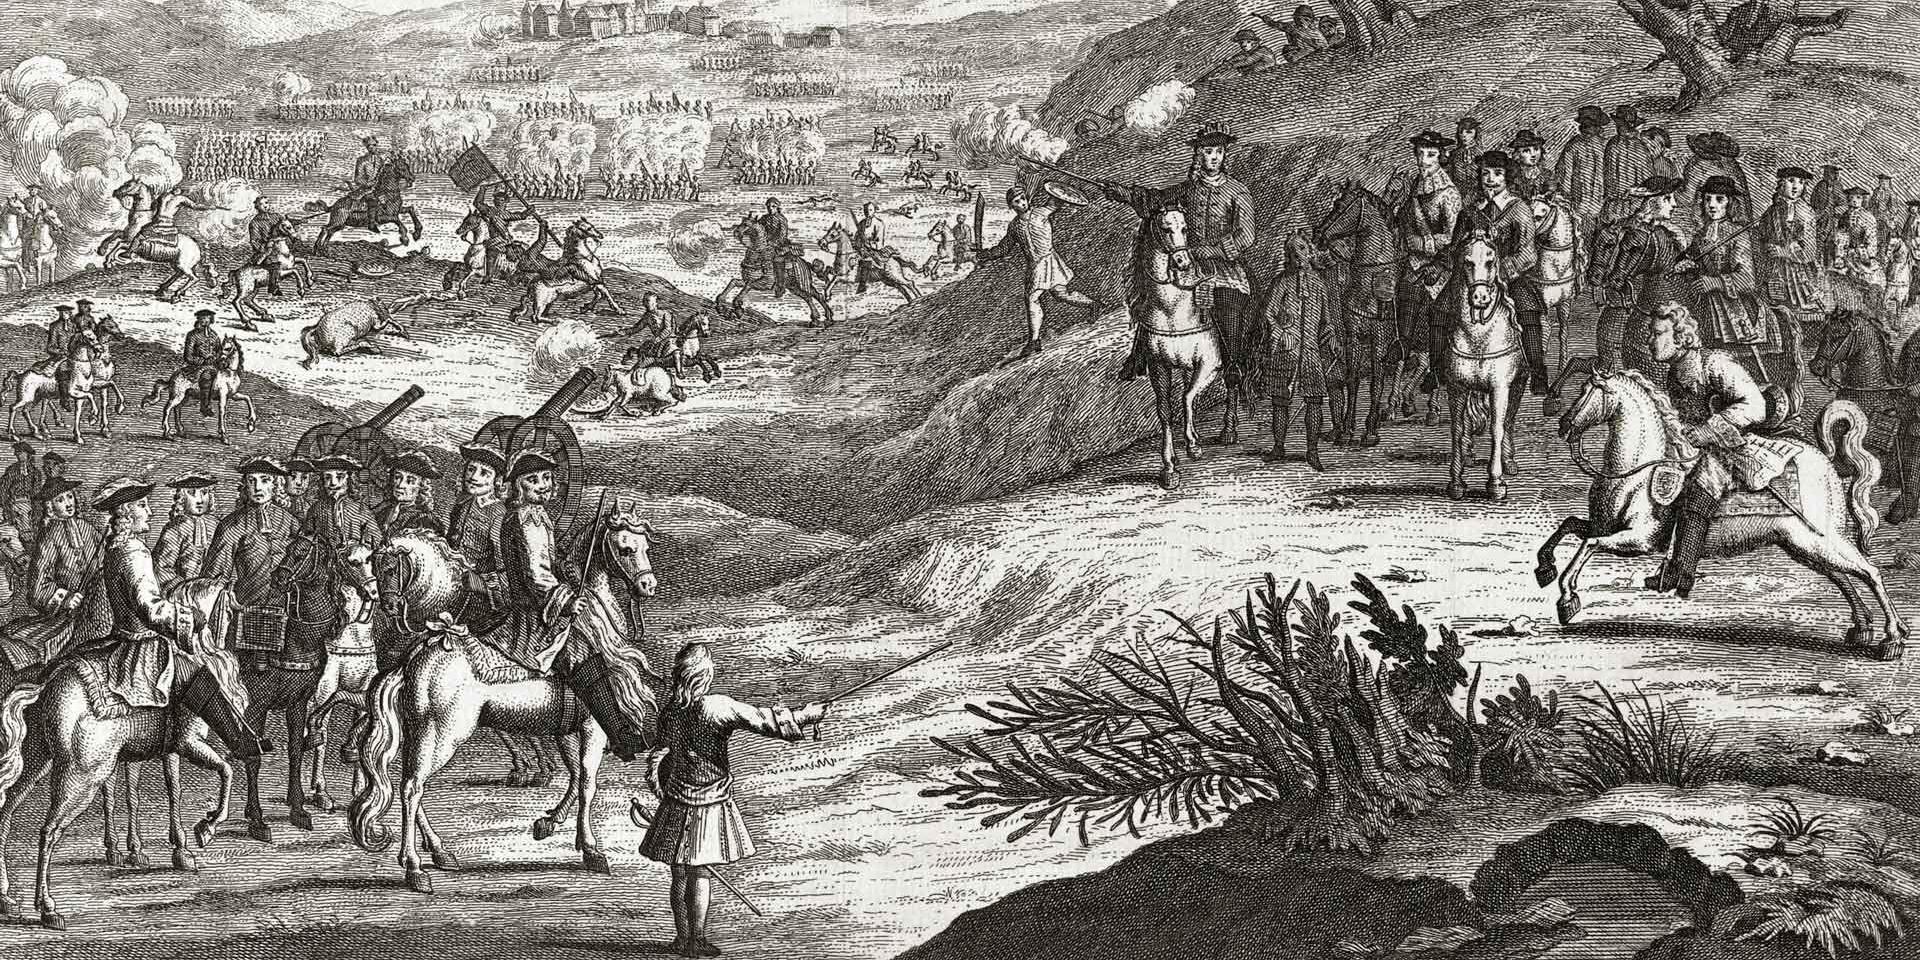 The Battle of Edgehill, 1642